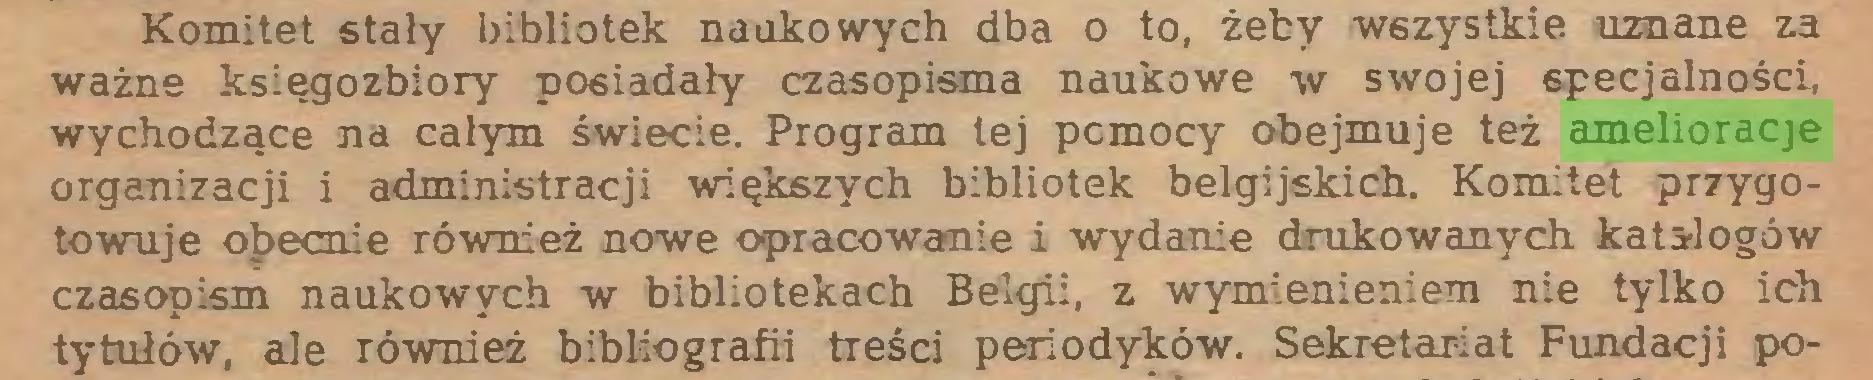 (...) Komitet stały bibliotek naukowych dba o to, żeby wszystkie uznane za ważne księgozbiory posiadały czasopisma naukowe w swojej specjalności, wychodzące na całym święcie. Program tej pcmocy obejmuje też amelioracje organizacji i administracji większych bibliotek belgijskich. Komitet przygotowuje obecnie również nowe opracowanie i wydanie drukowanych katalogów czasopism naukowych w bibliotekach Belgii, z wymienieniem nie tylko ich tytułów, ale również bibliografii treści periodyków. Sekretariat Fundacji po...